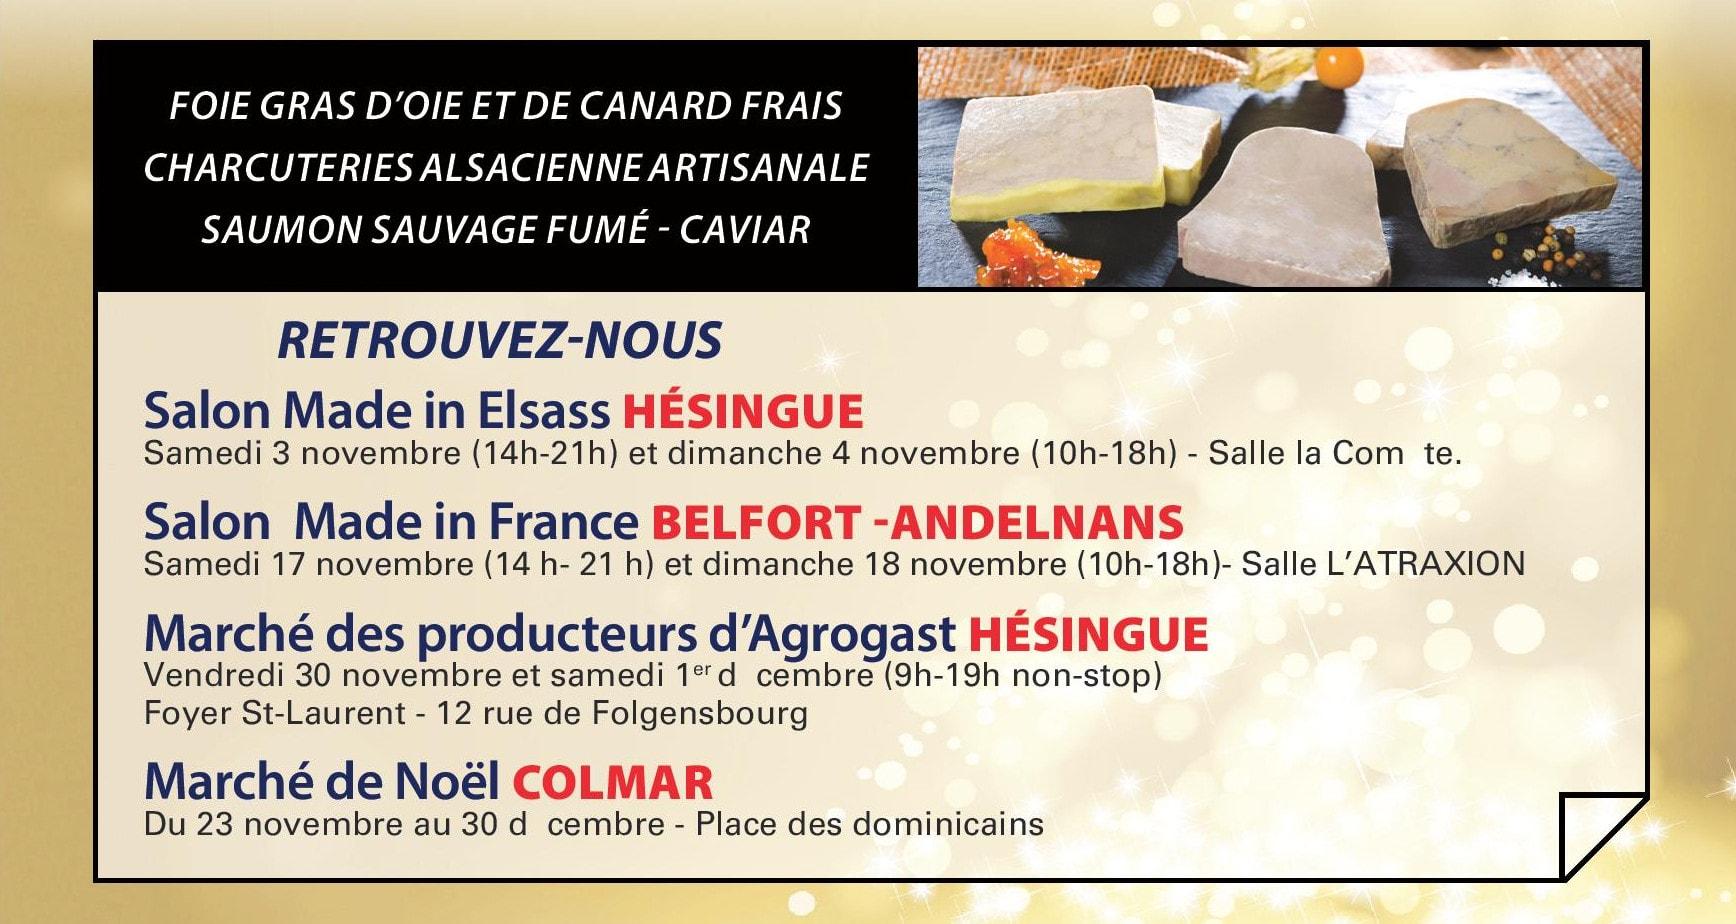 Schellenberger Foie Gras